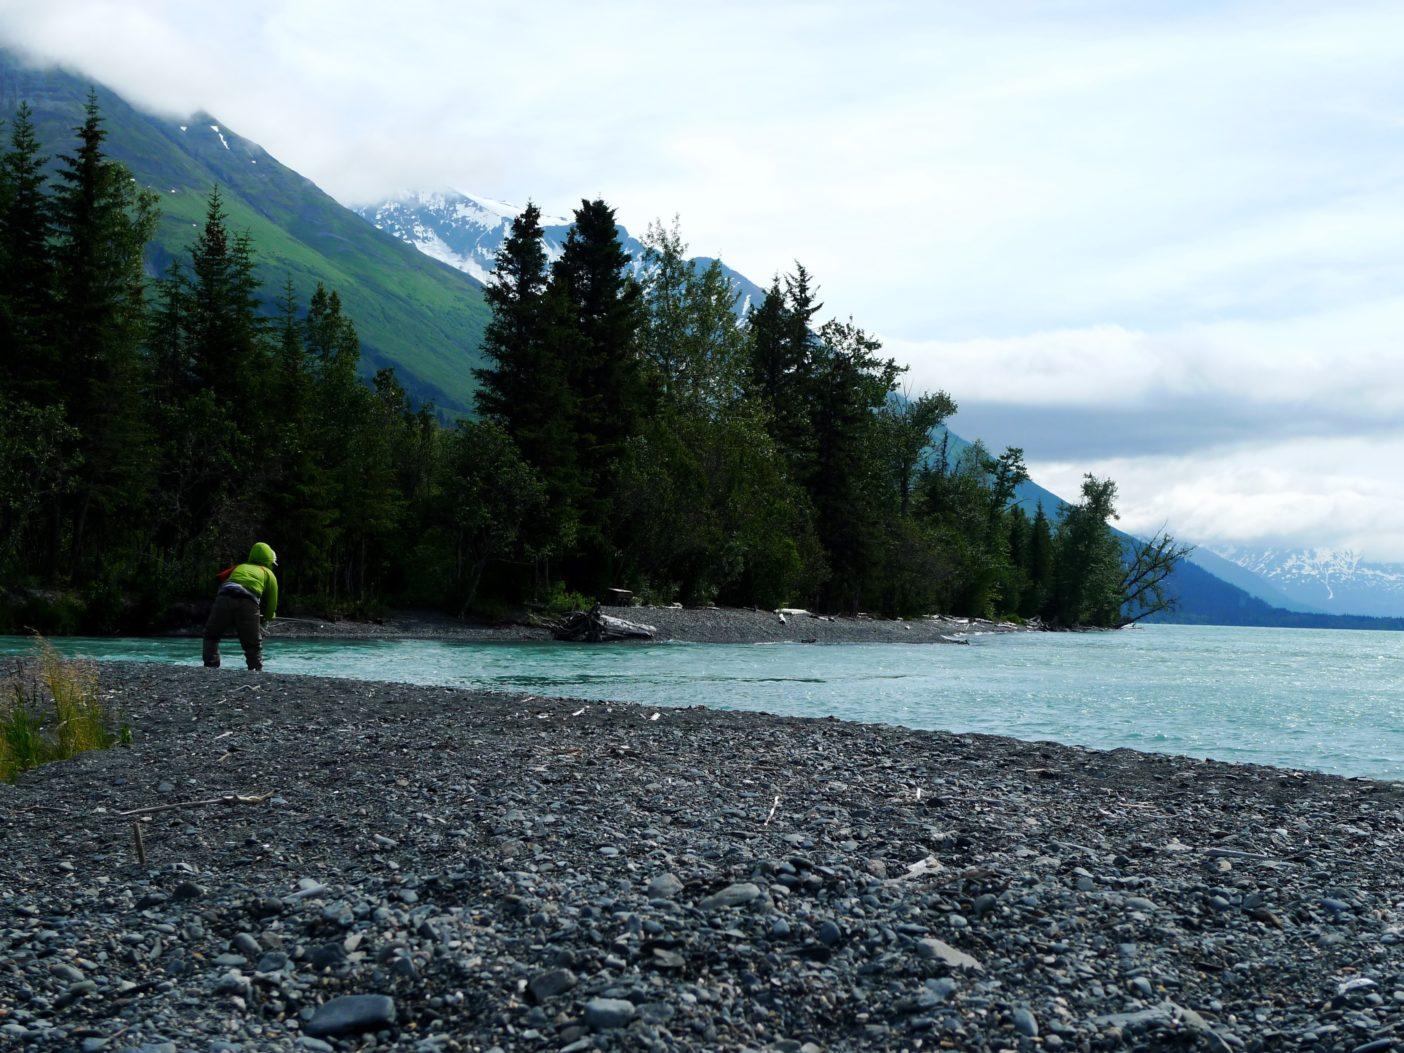 フライフィッシング道具とキャンプ道具一式をバックパックに詰め、ひとりヒッチハイクでアラスカ各地をめぐり、秋に湖から河川に遡上する大型ニジマスを狙う著者。写真:村上春二